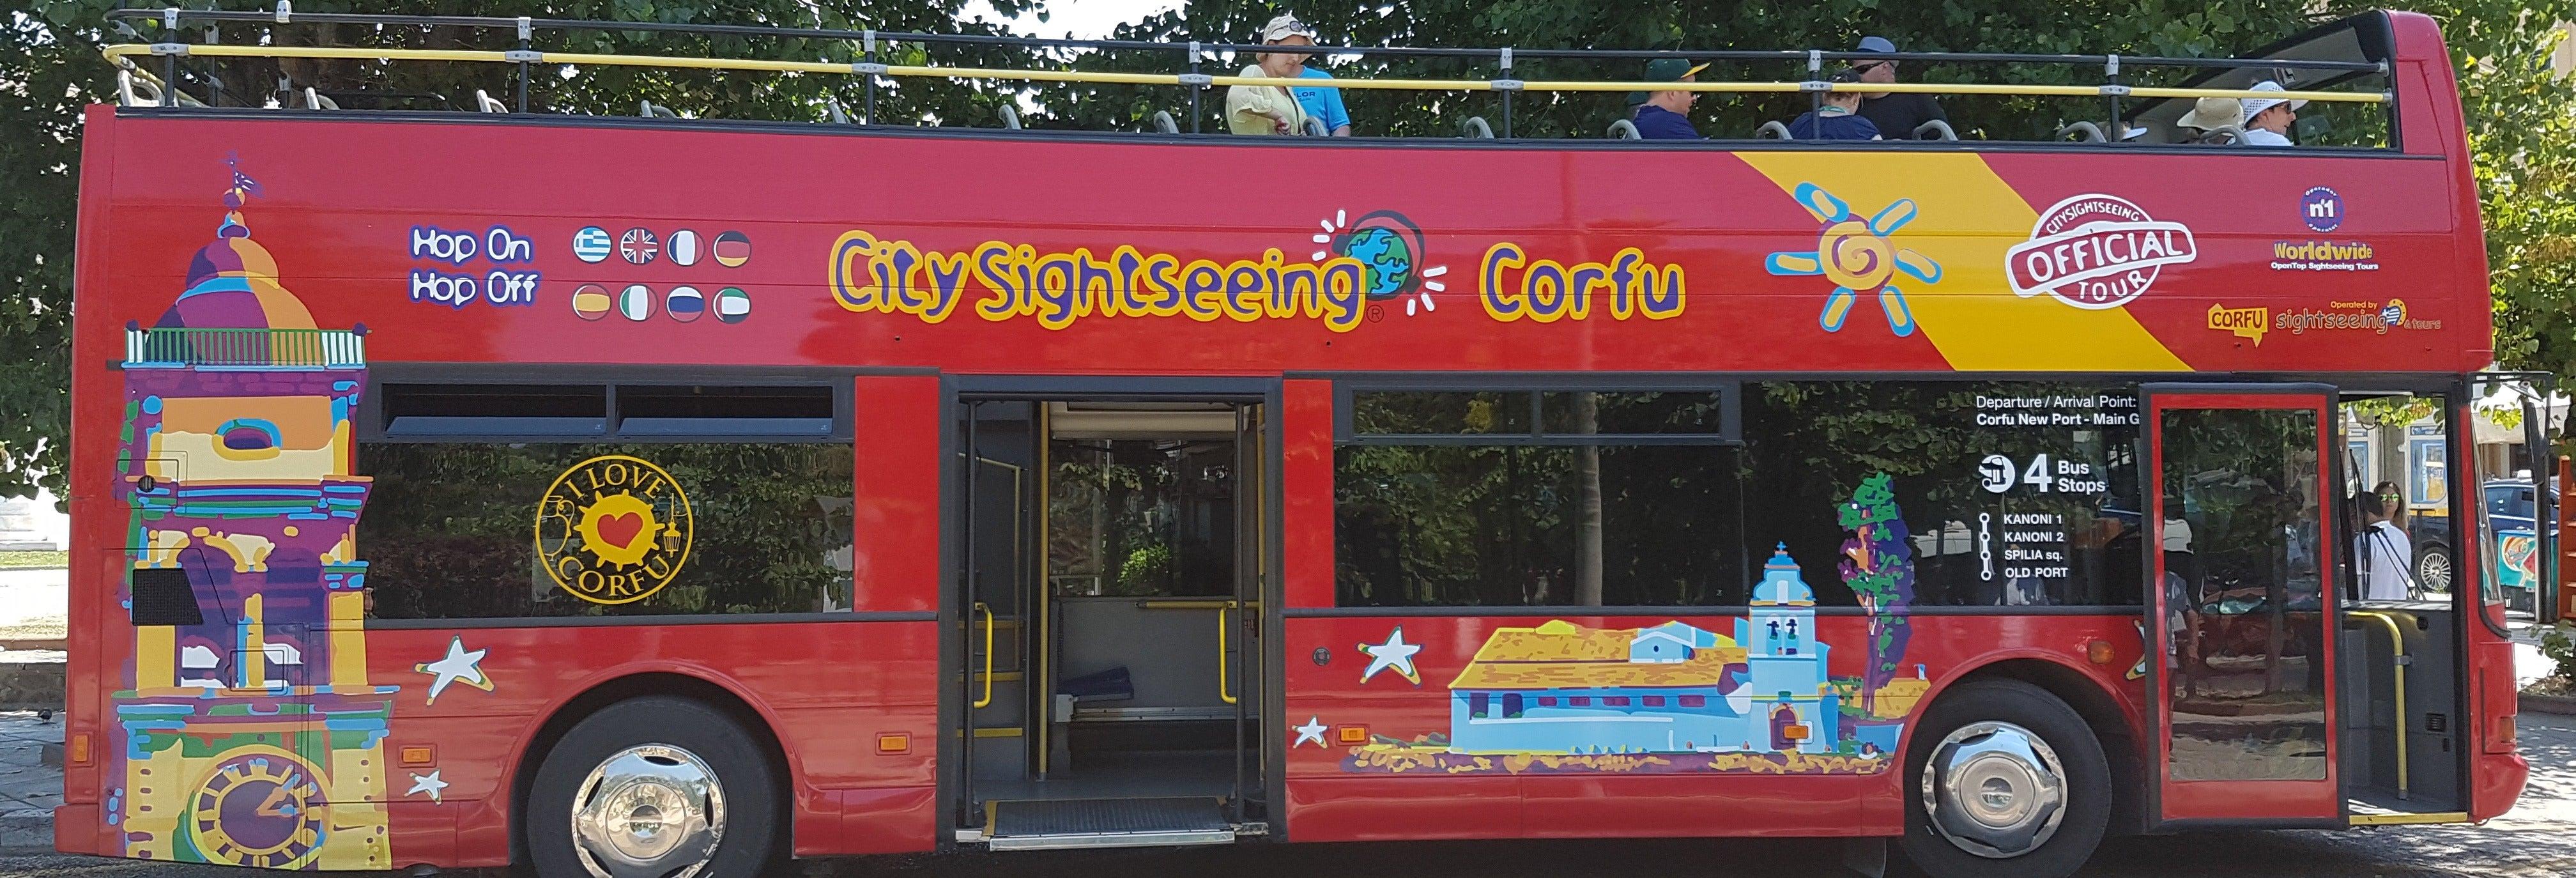 Autobus turistico di Corfù